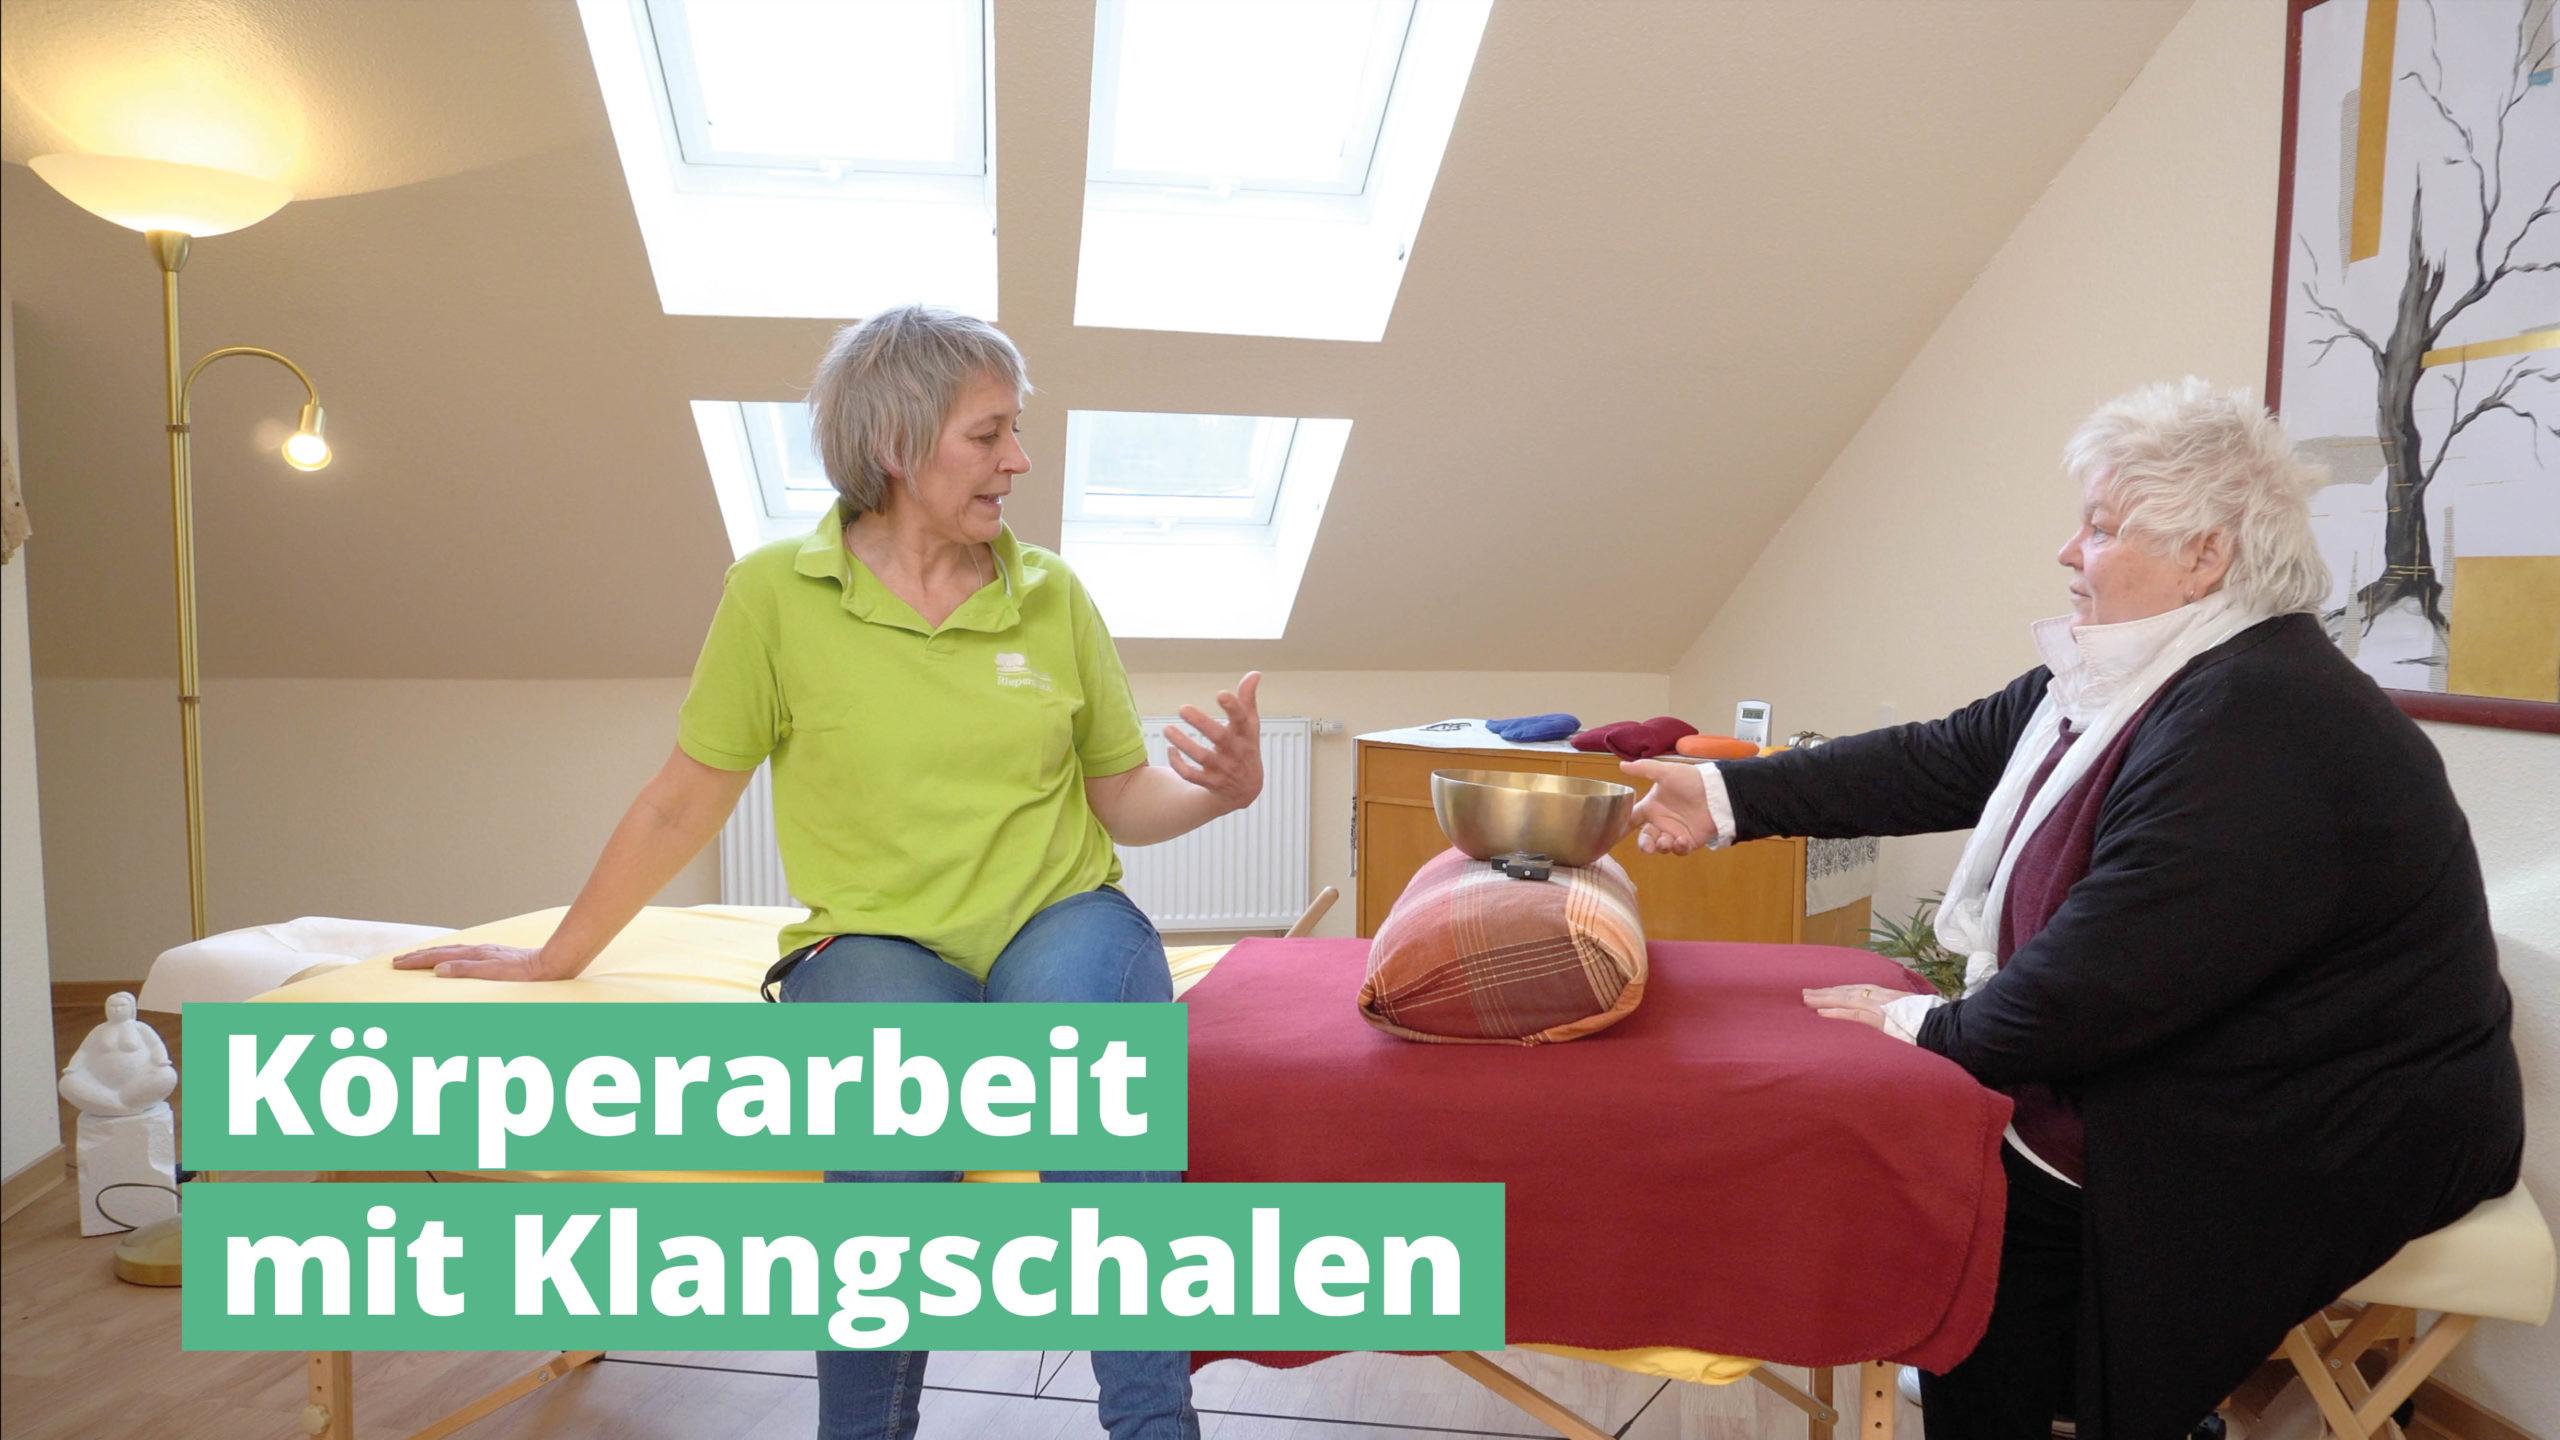 Körperarbeit mit PeterHess Klangschalen Wir Sind Altenpflege